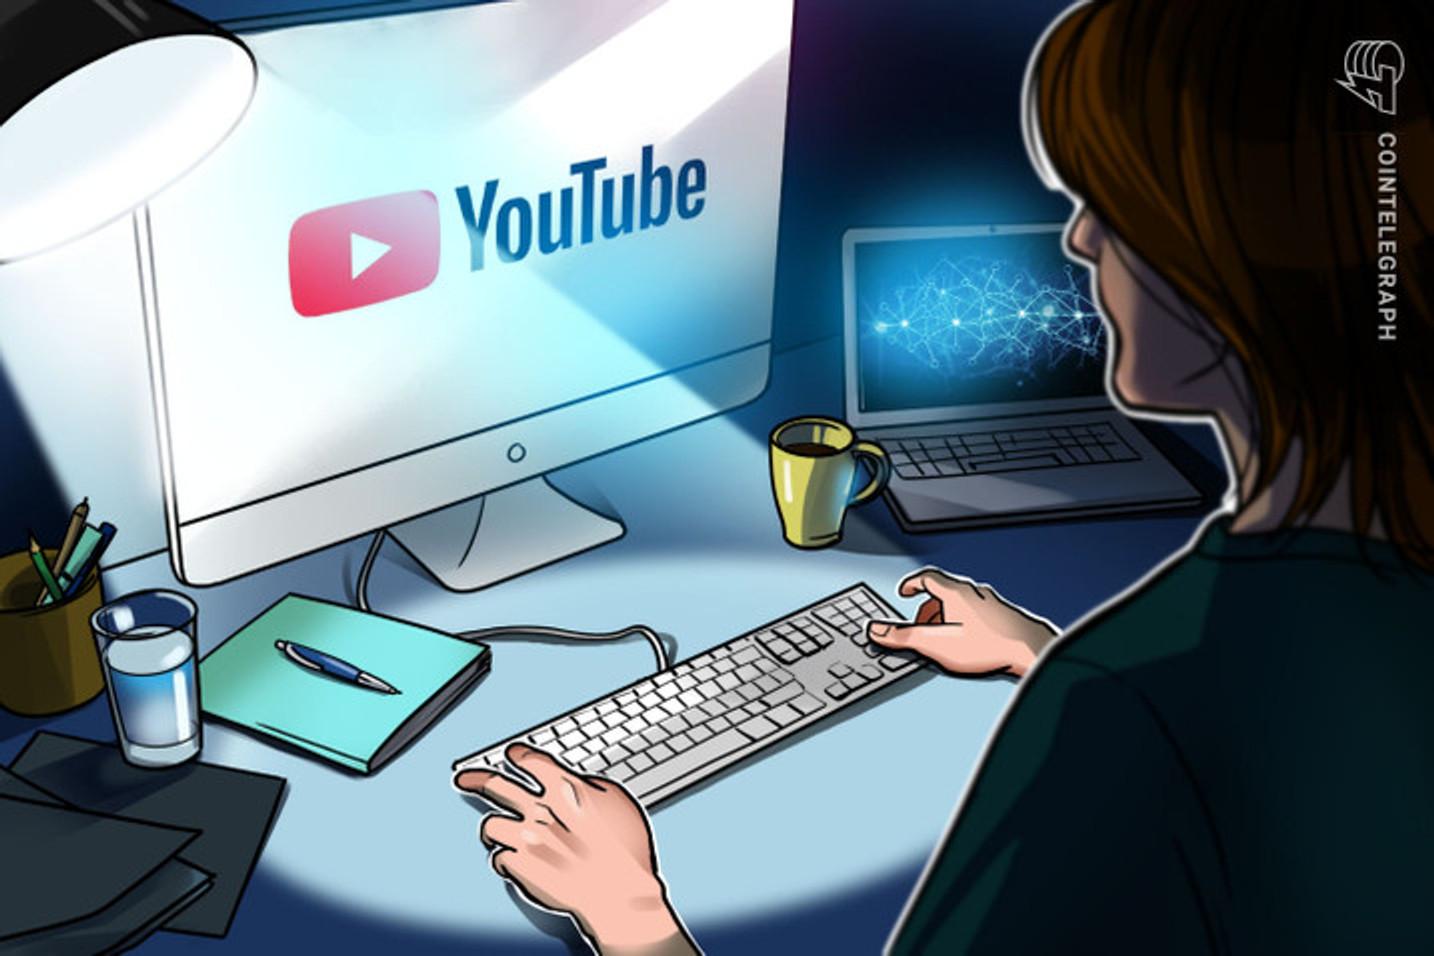 Youtuber explica como conseguiu recuperar R$ 120 mil após cair em golpe com Bitcoin